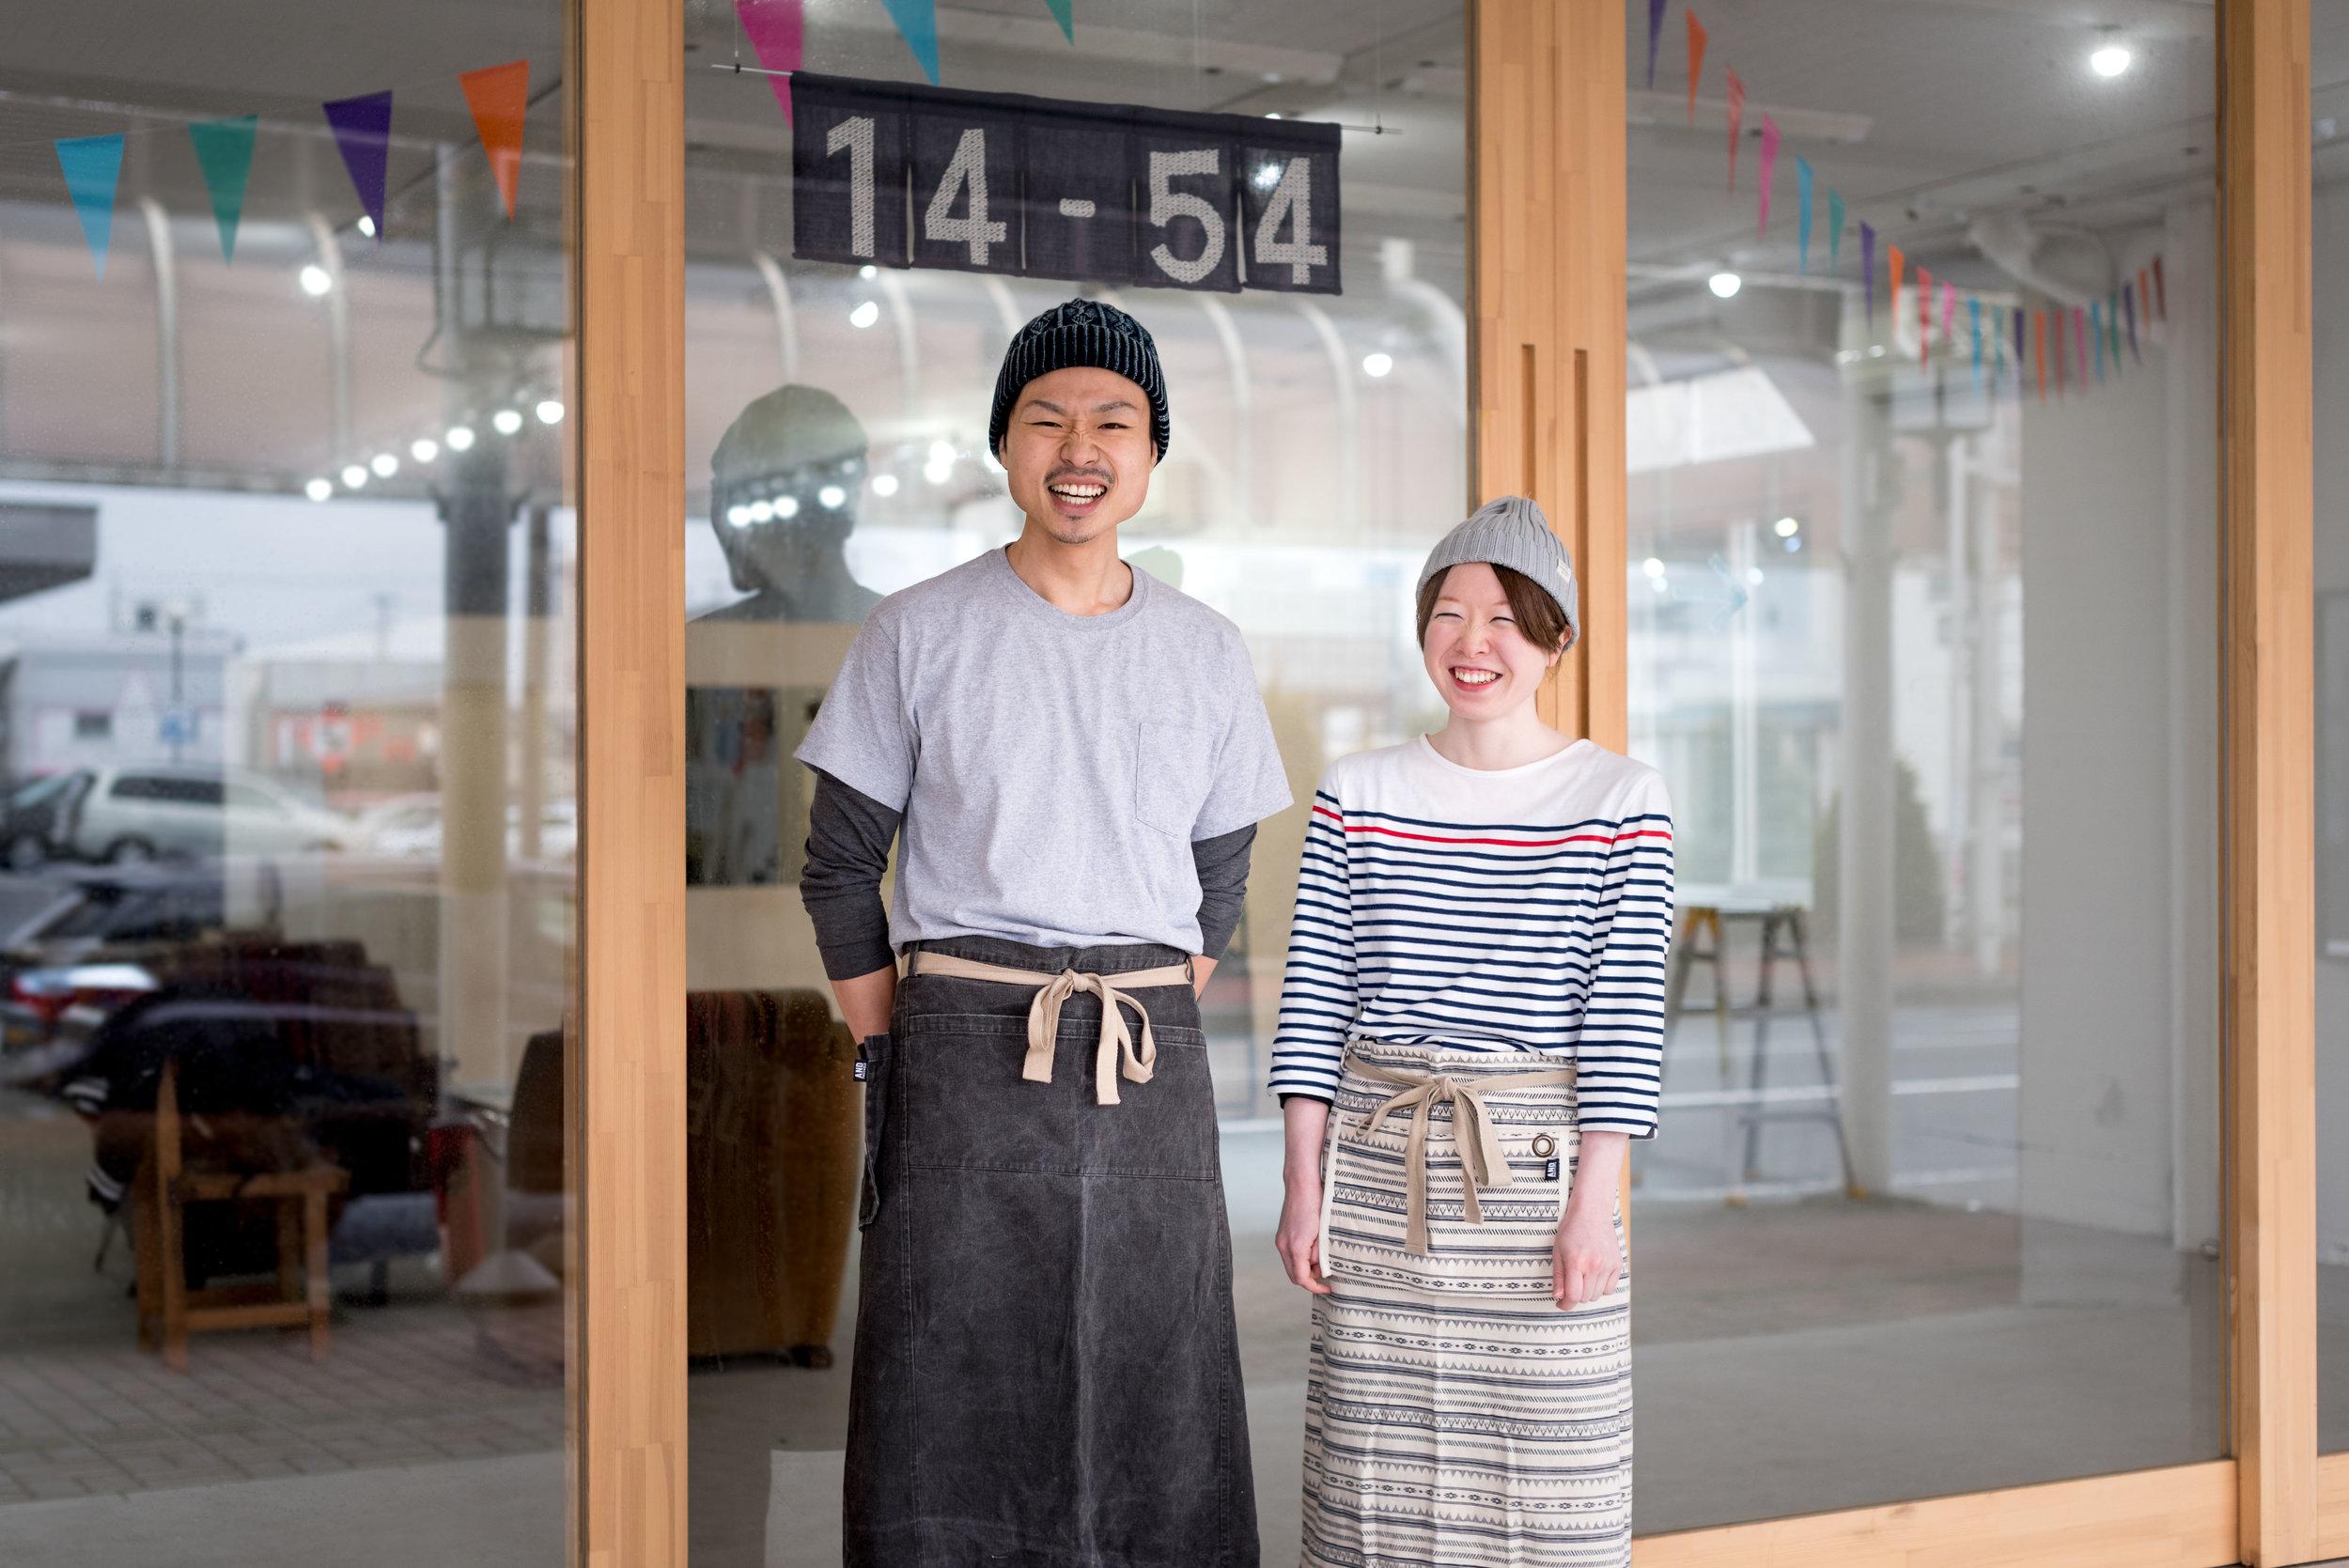 05-1454cafe-nakanowatari.jpg